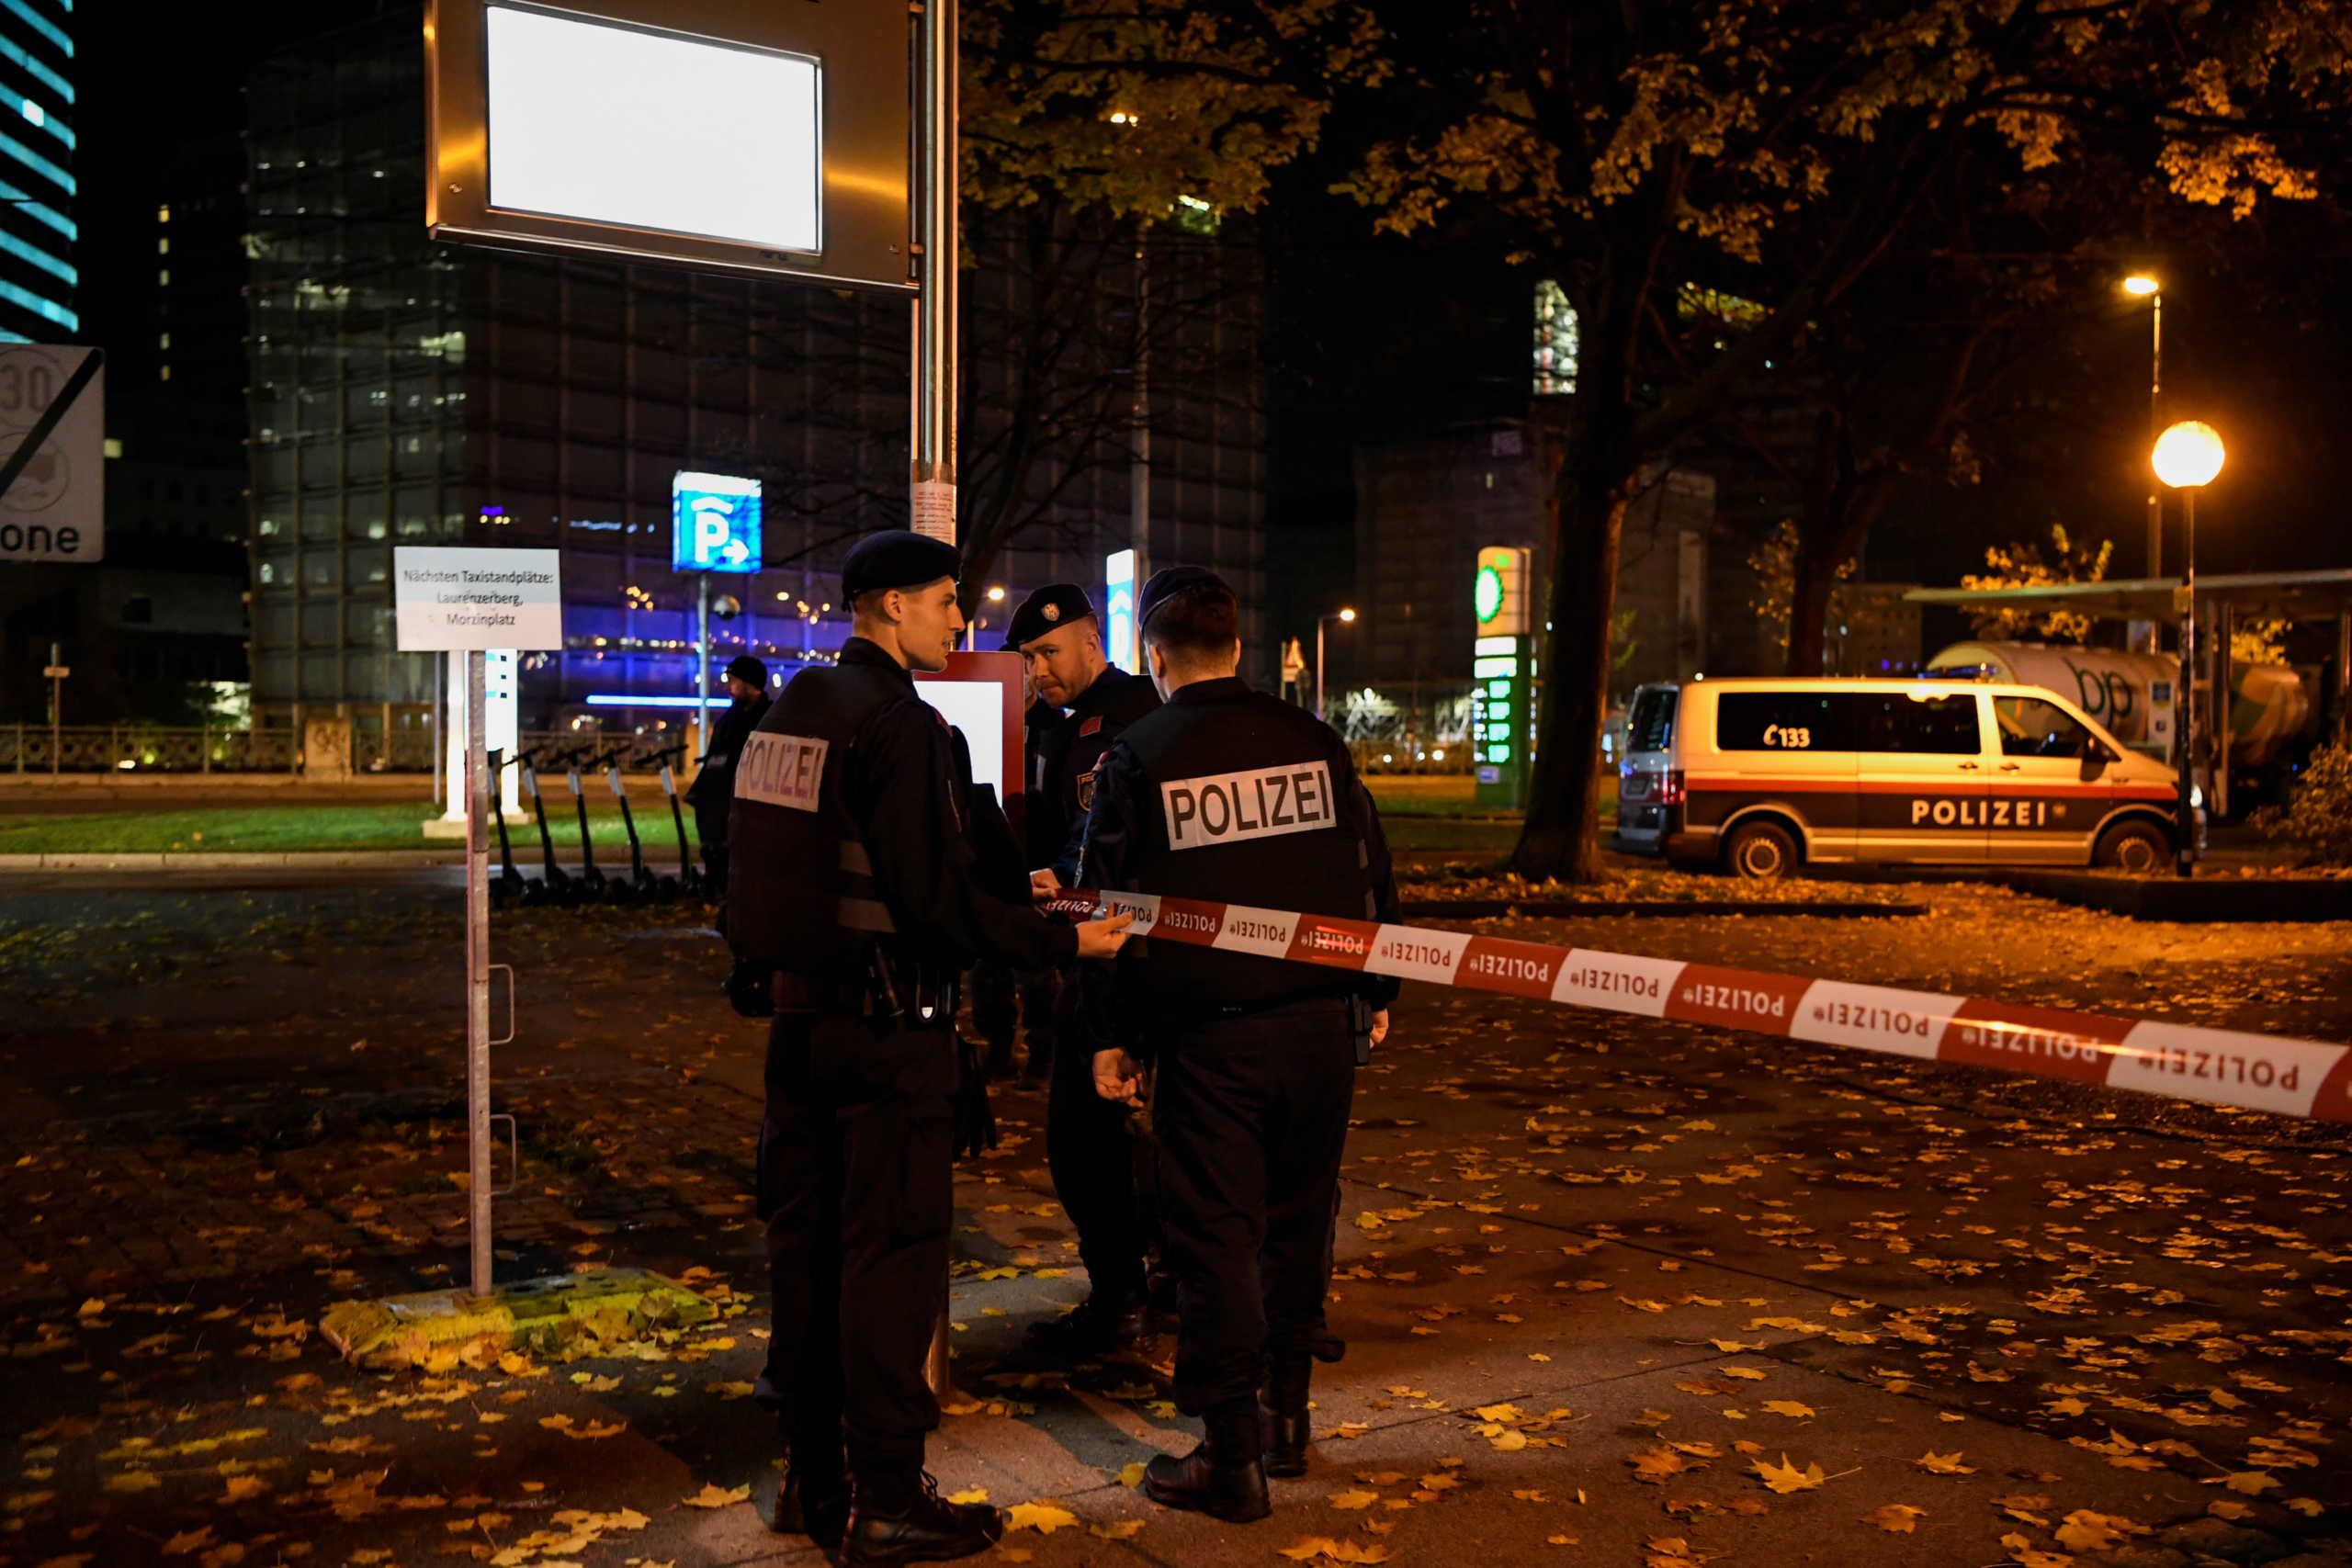 Βιέννη: 3 νεκροί και 15 τραυματίες από την τρομοκρατική επίθεση – Ψάχνουν ακόμα τον ένα δράστη